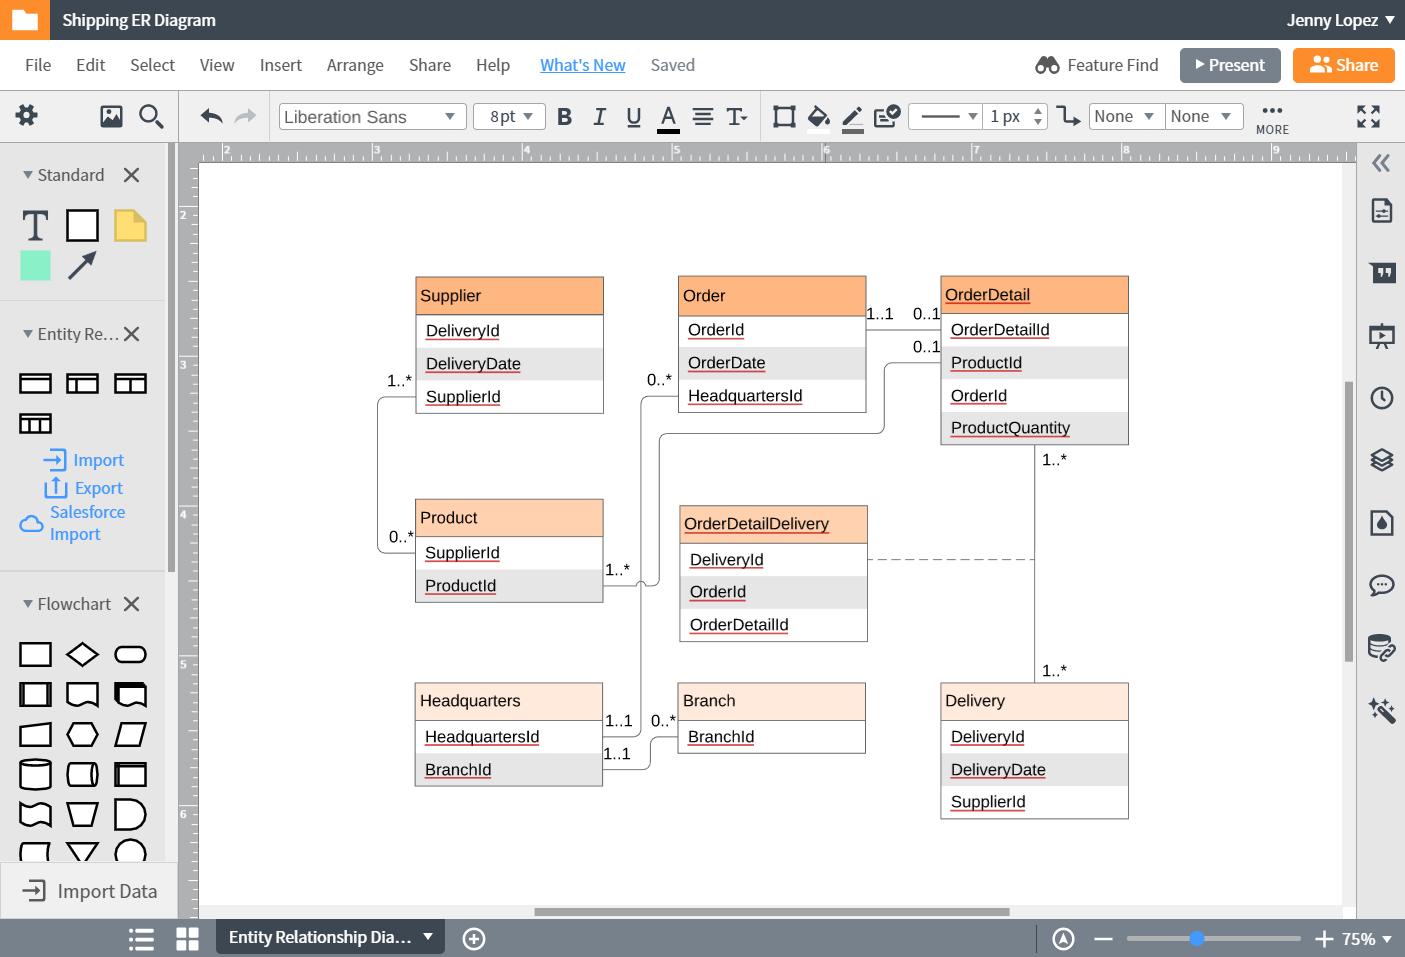 Er Diagram (Erd) Tool | Lucidchart with regard to Erd Diagram Software